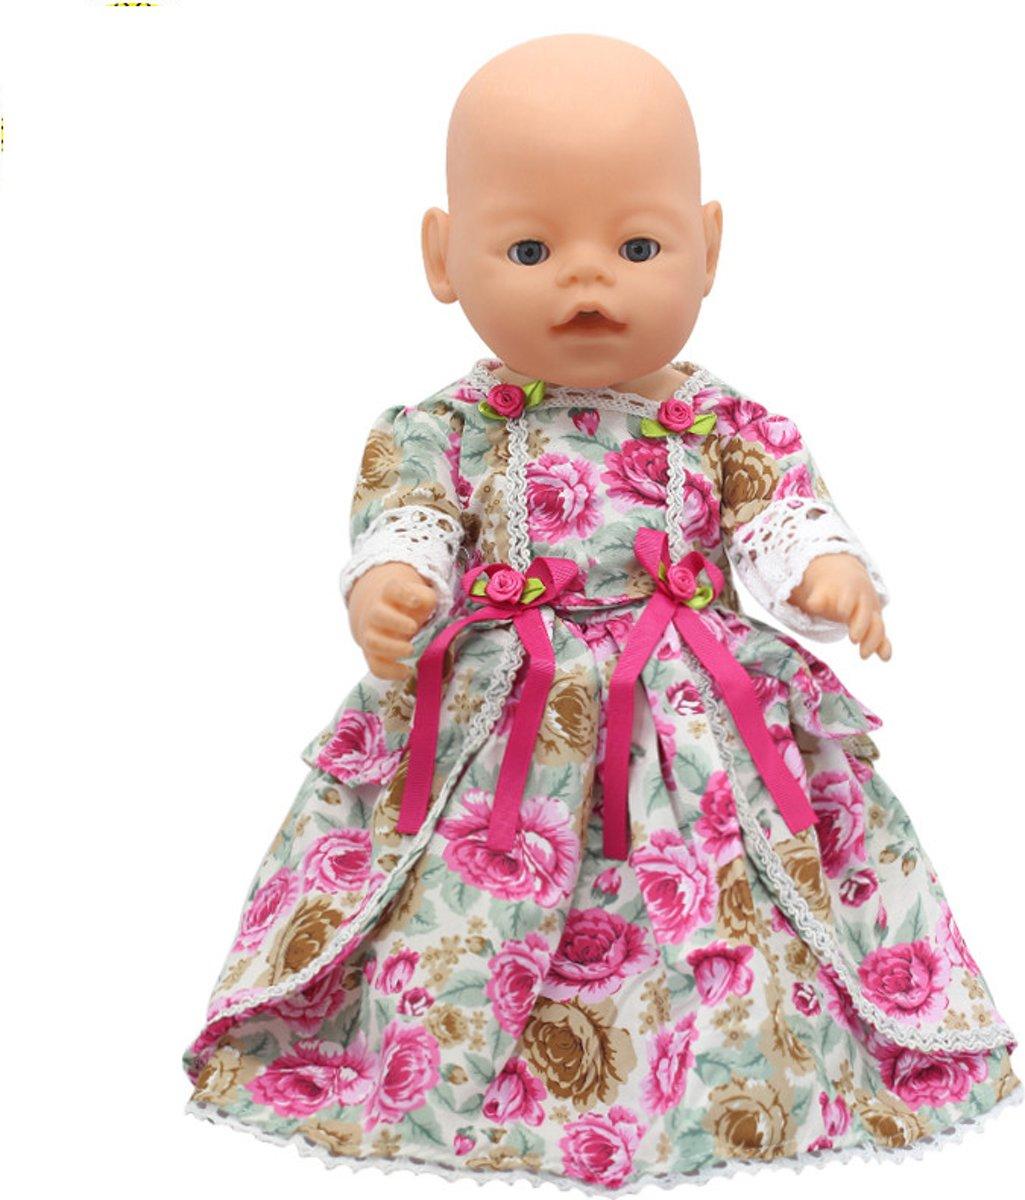 c1fa16c200f7f4 Japanse jurk voor babypop zoals Baby Born - Prachtig jurkje voor pop met  roosjes en strikken